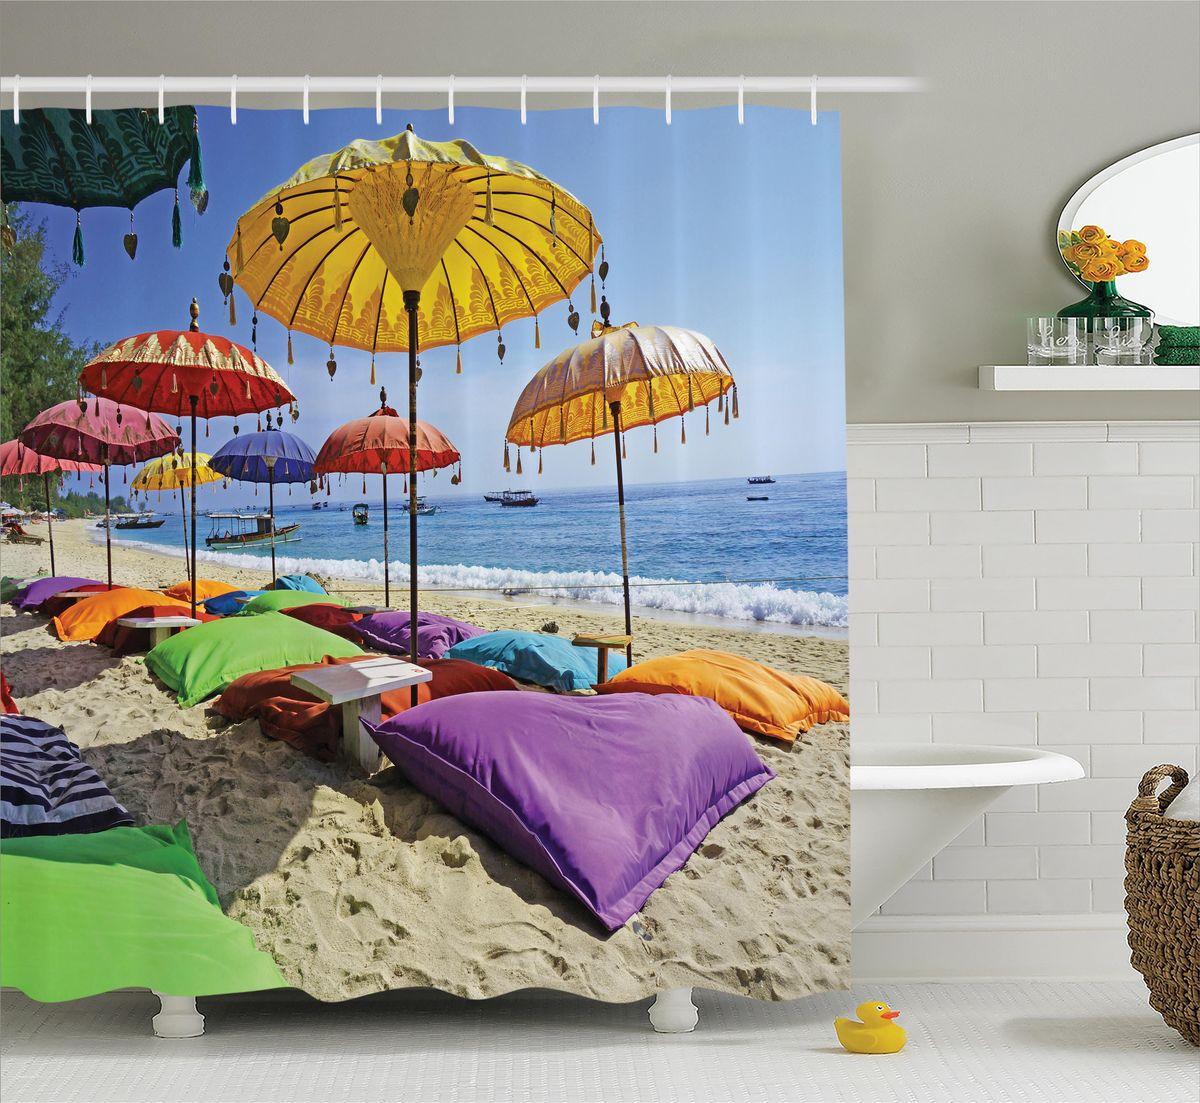 Штора для ванной комнаты Magic Lady Зонтики на пляже, 180 х 200 смшв_12253Штора Magic Lady Зонтики на пляже, изготовленная из высококачественного сатена (полиэстер 100%), отлично дополнит любой интерьер ванной комнаты. При изготовлении используются специальные гипоаллергенные чернила для прямой печати по ткани, безопасные для человека. В комплекте: 1 штора, 12 крючков. Обращаем ваше внимание, фактический цвет изделия может незначительно отличаться от представленного на фото.